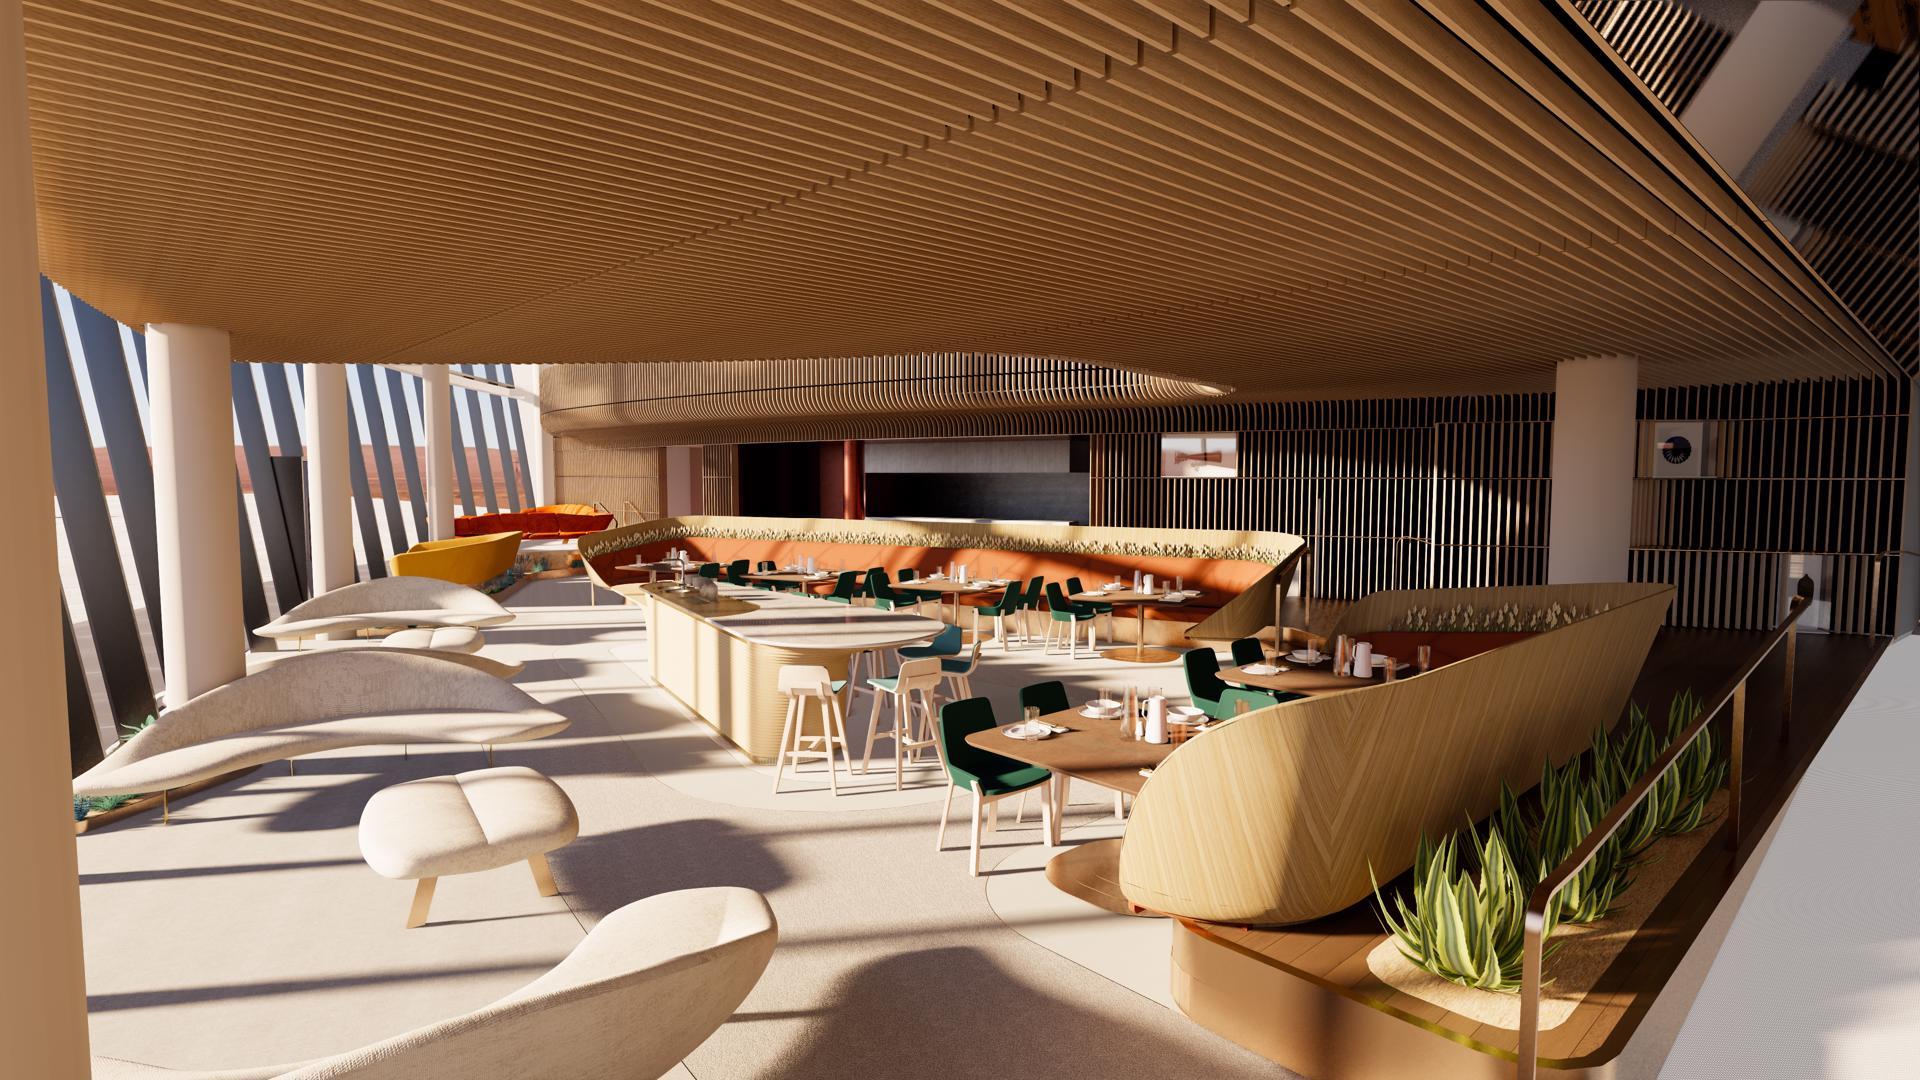 Viewport Studio Spaceport America ground floor interior